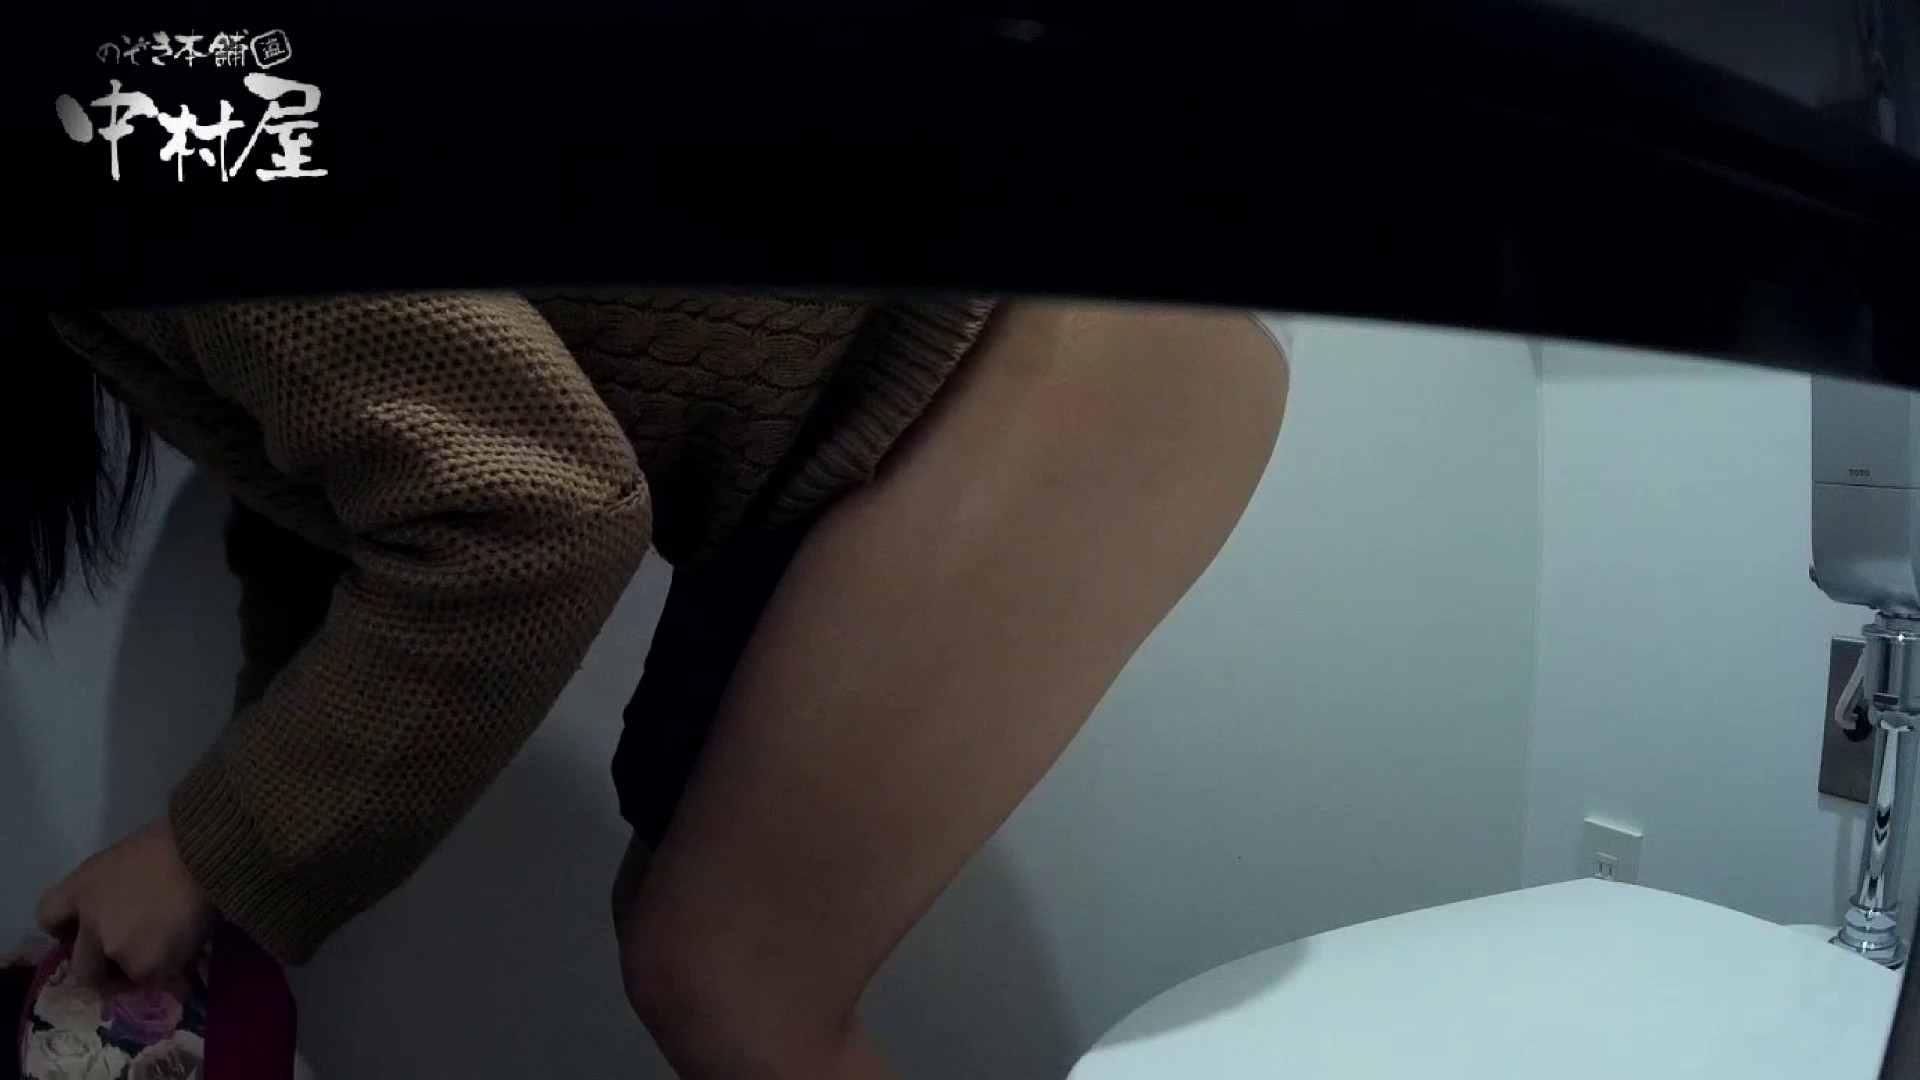 有名大学女性洗面所 vol.54 設置撮影最高峰!! 3視点でじっくり観察 潜入 AV無料 99連発 48